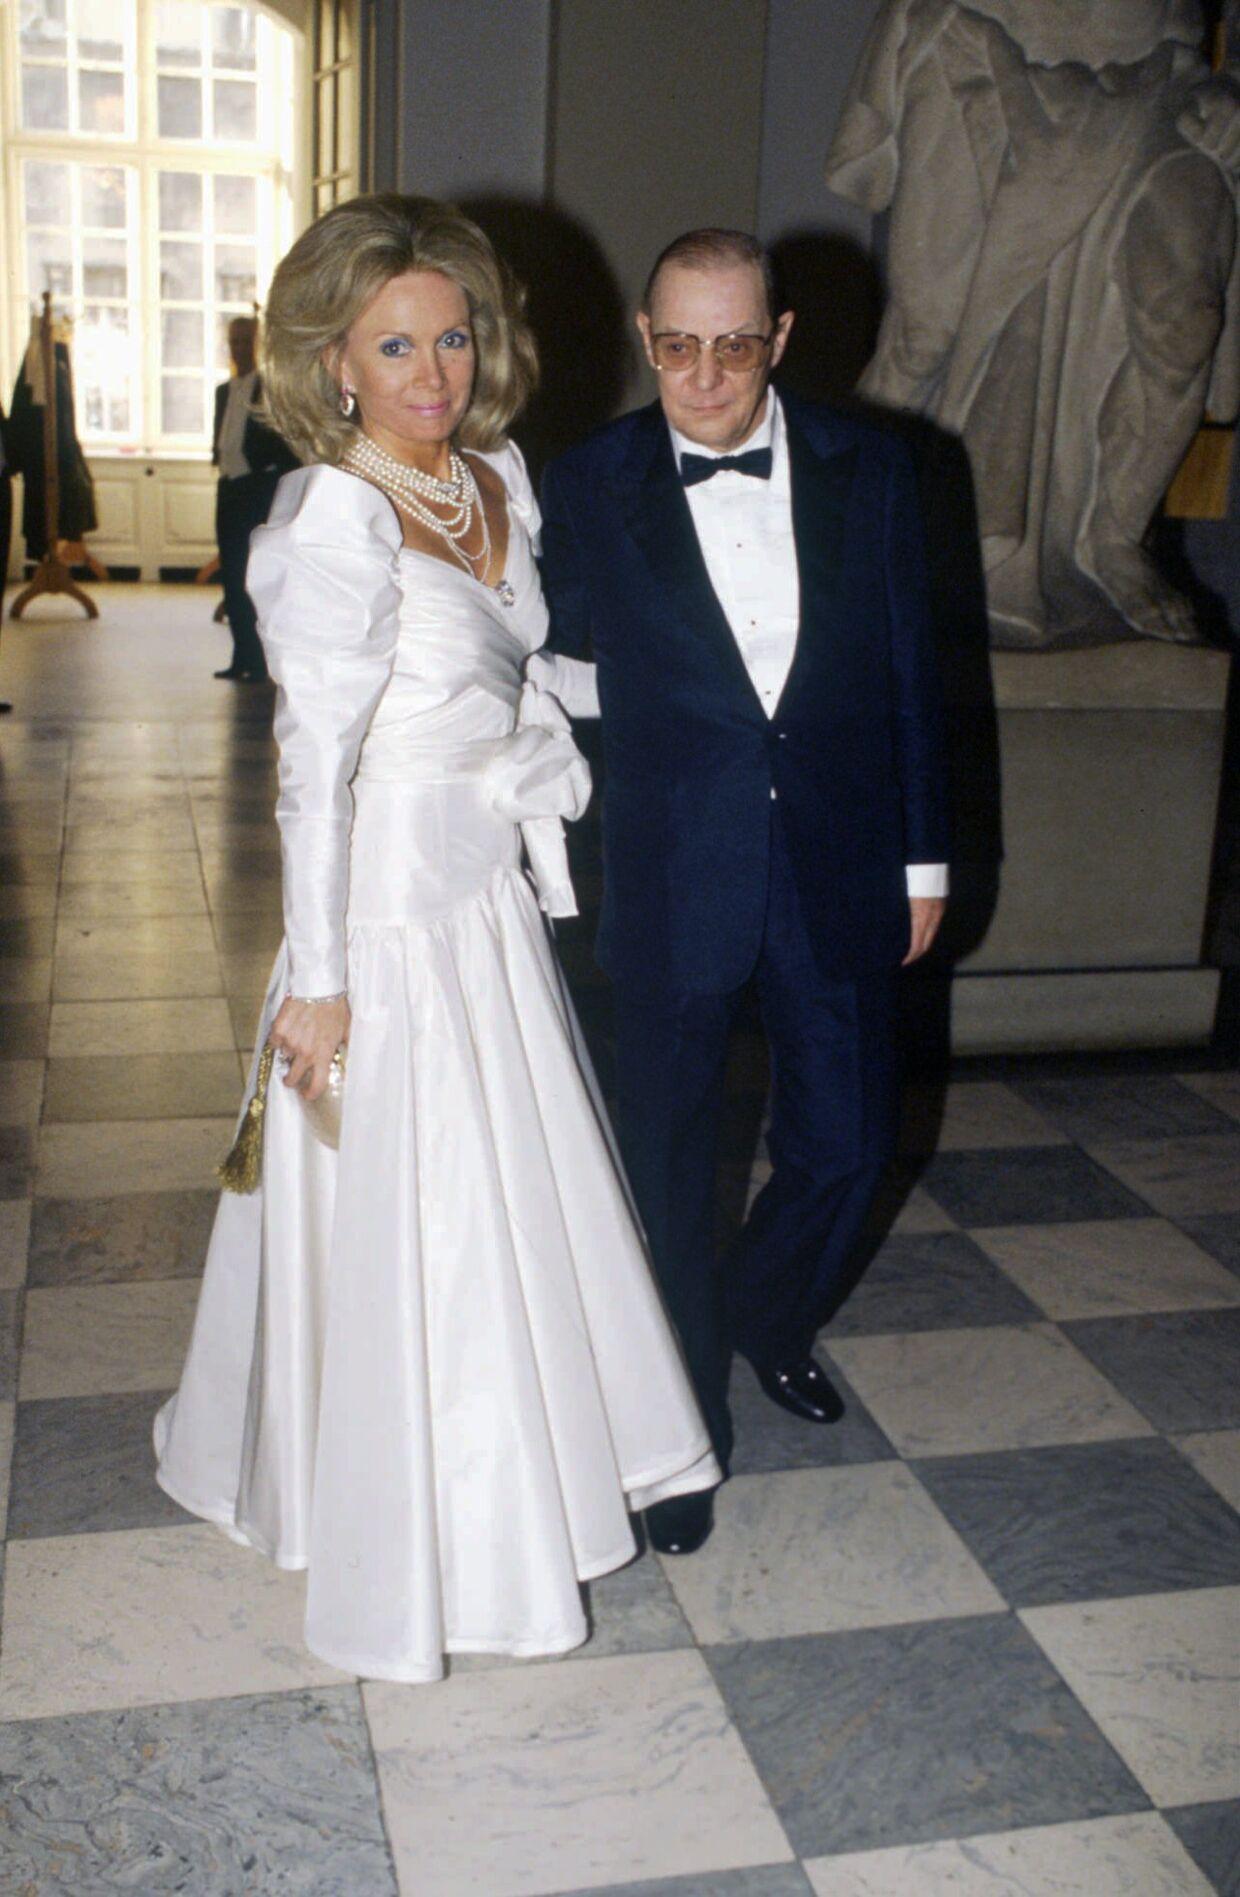 """Kristina """"Kiki"""" Tholstrup ses her med sin anden ægtemand, erhvervsmanden Ole Knud Tholstrup, da de var til bal hos dronning Margrethe."""